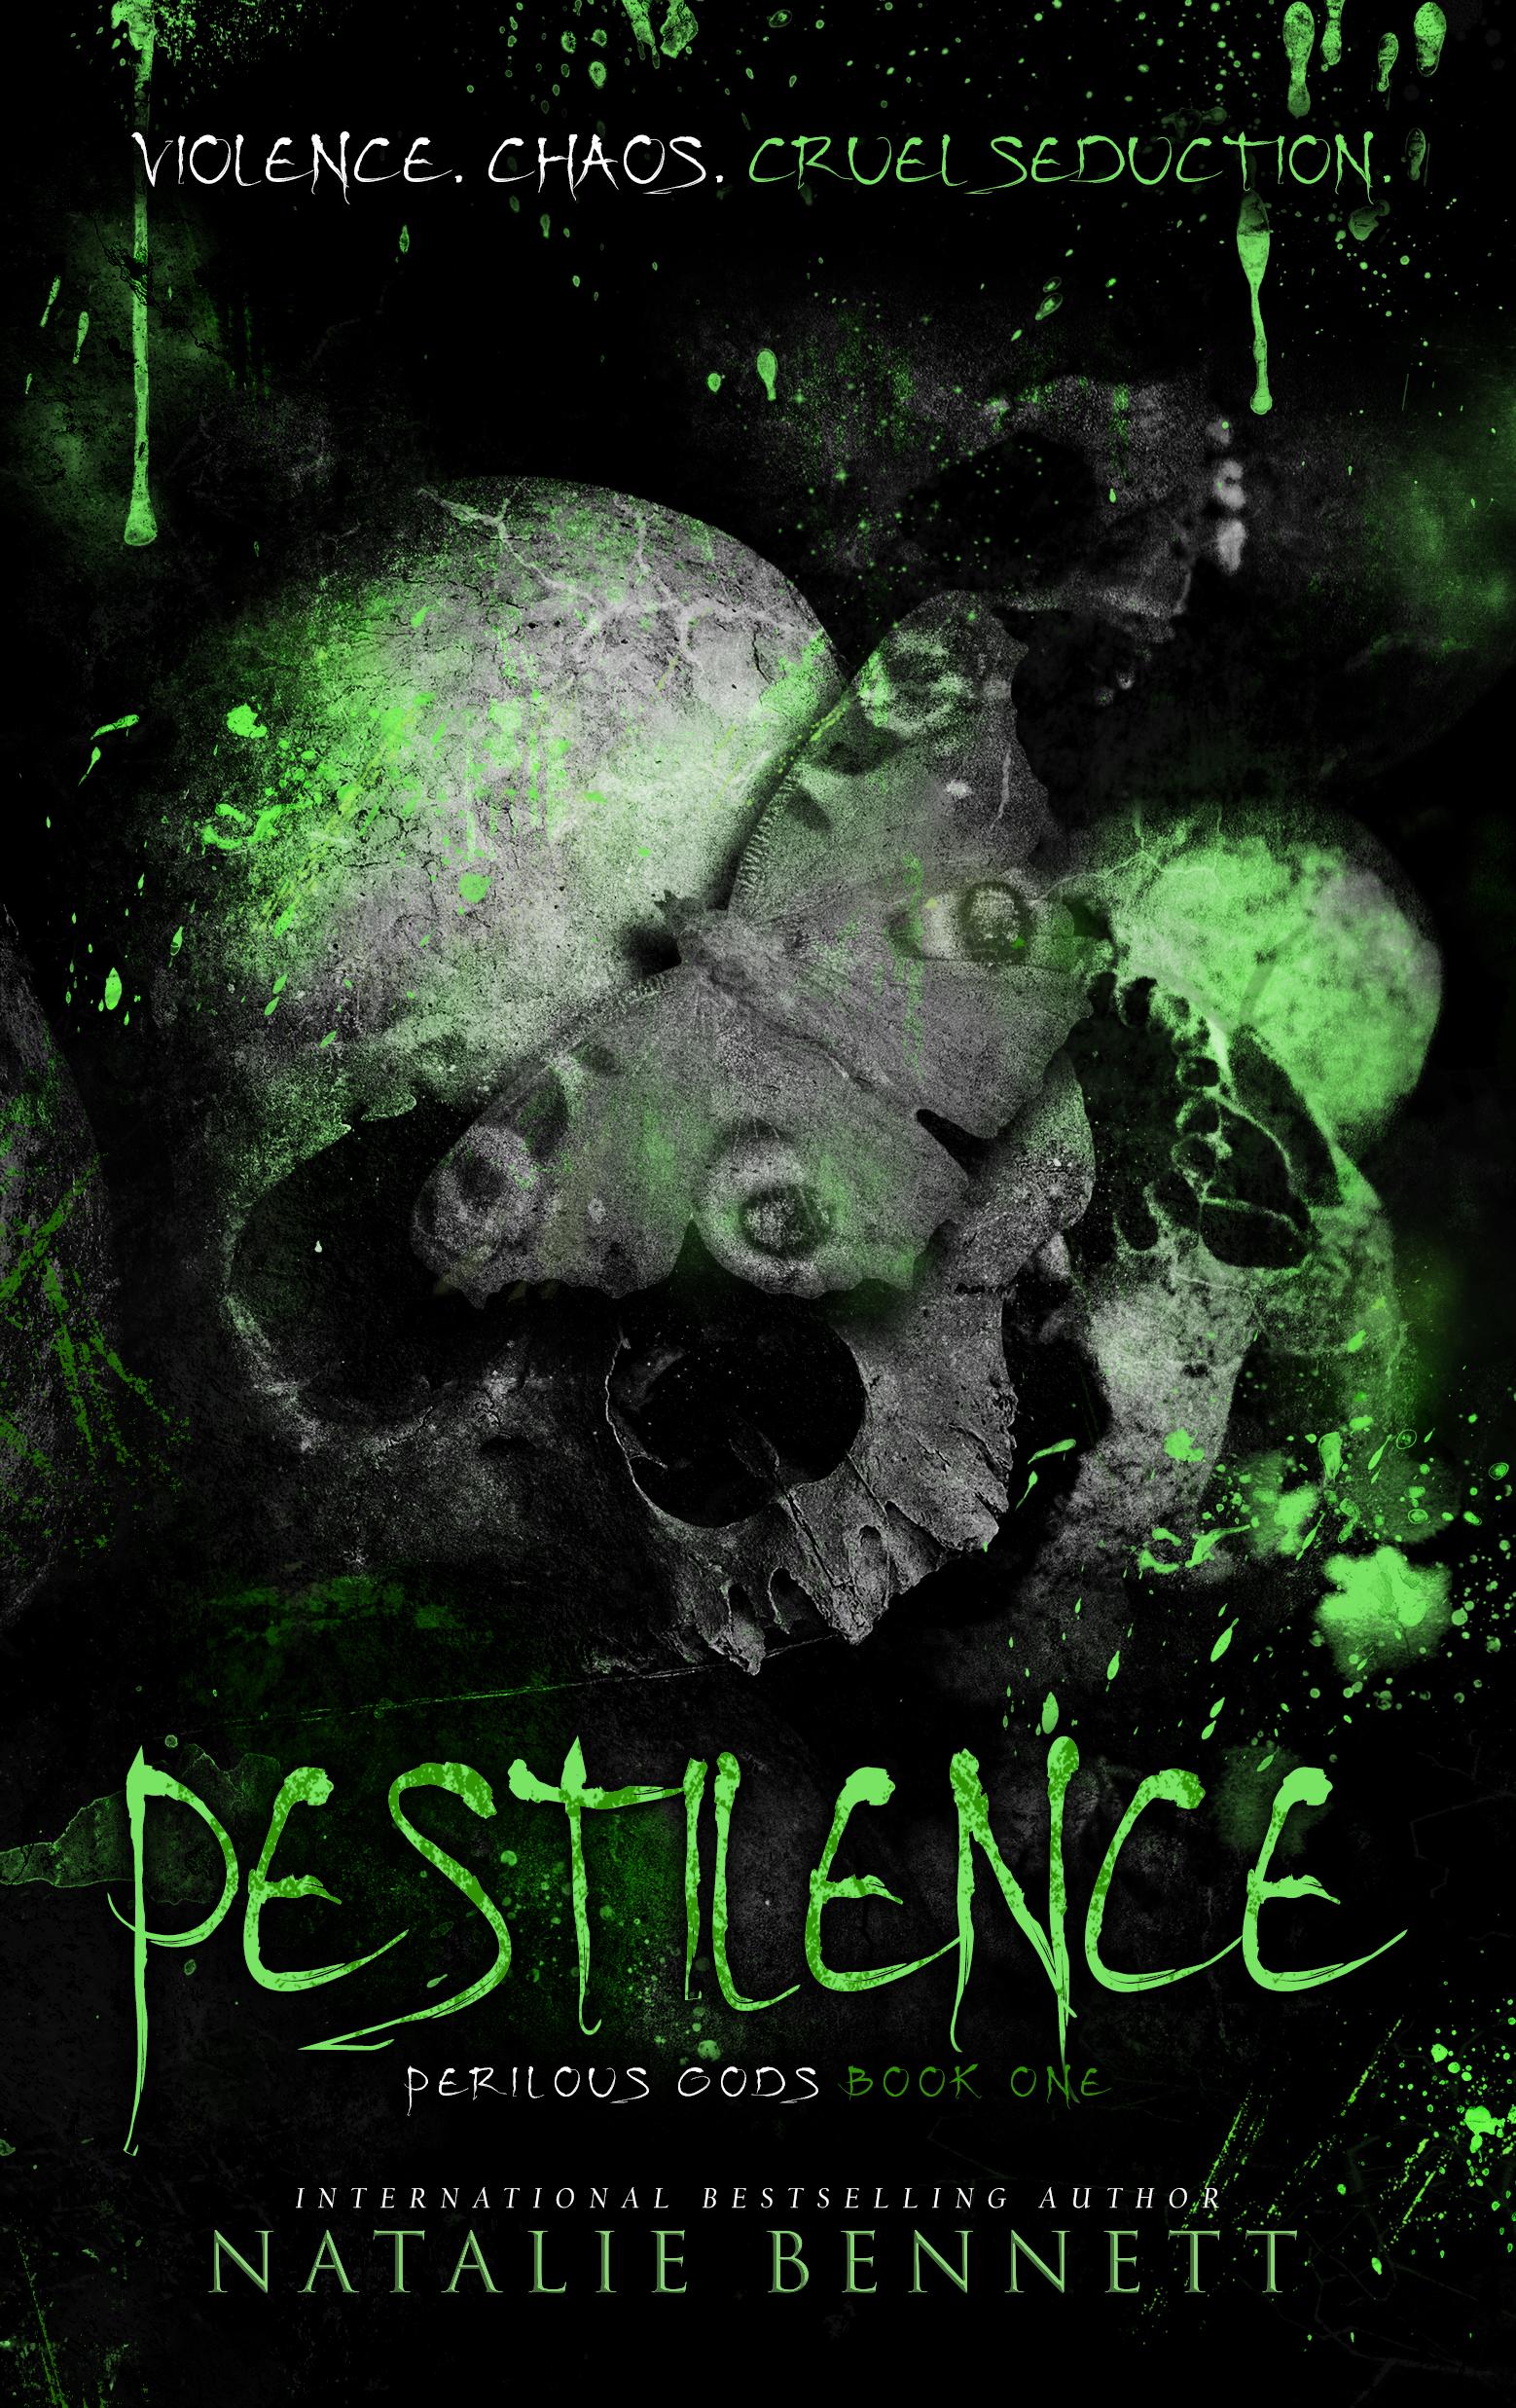 Pestilence Ebook